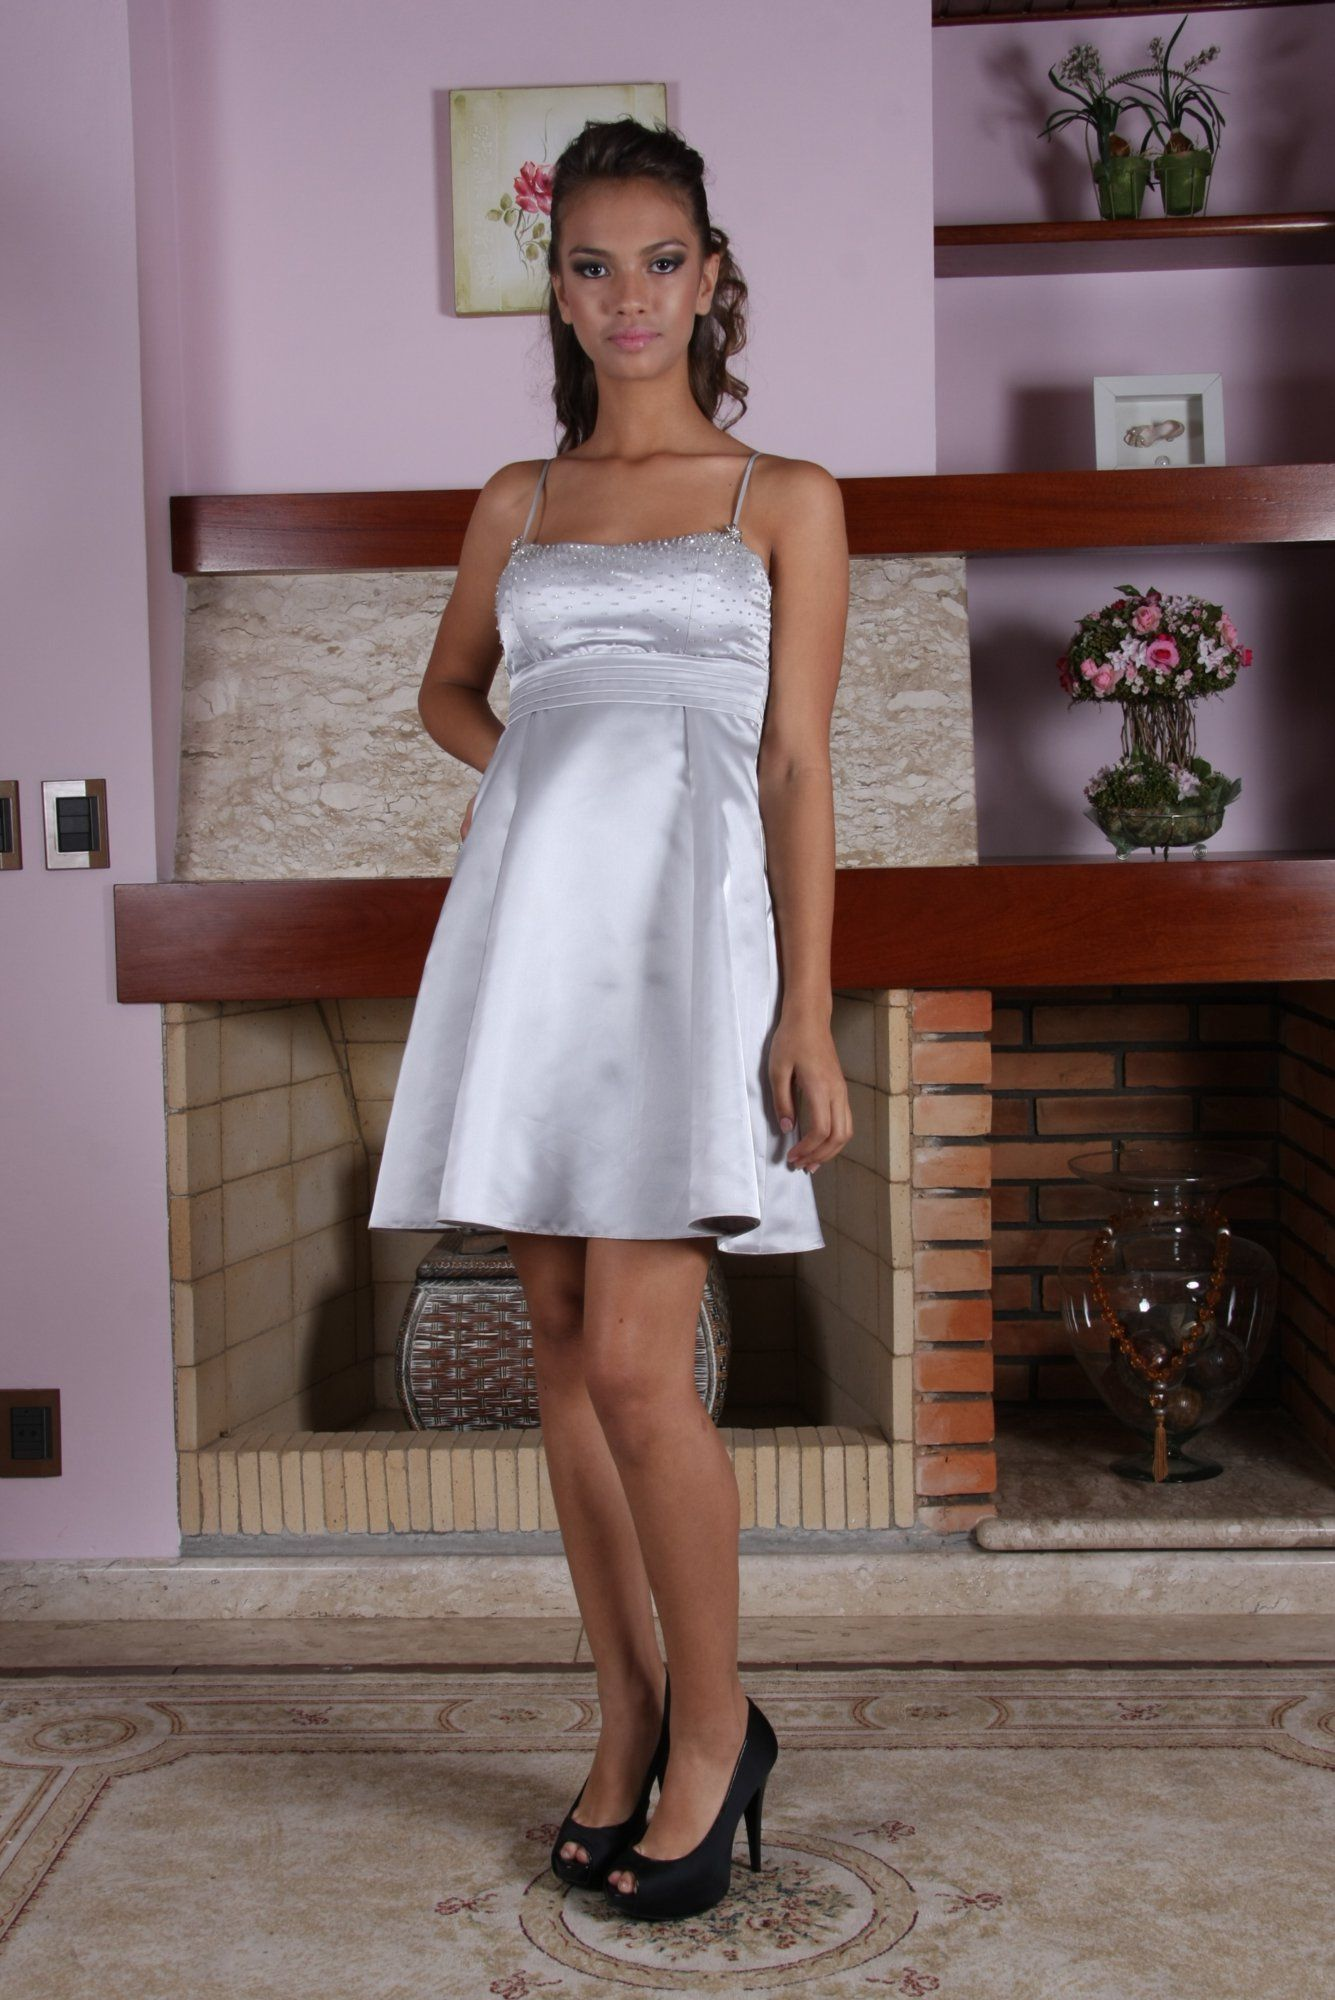 Vestido de Debutante Prata - 2 - Hipnose Alta Costura e Spa para Noivas e Noivos - Campinas - SP Vestido de Debutante, Vestido de Debutante Prata, Hipnose Alta Costura